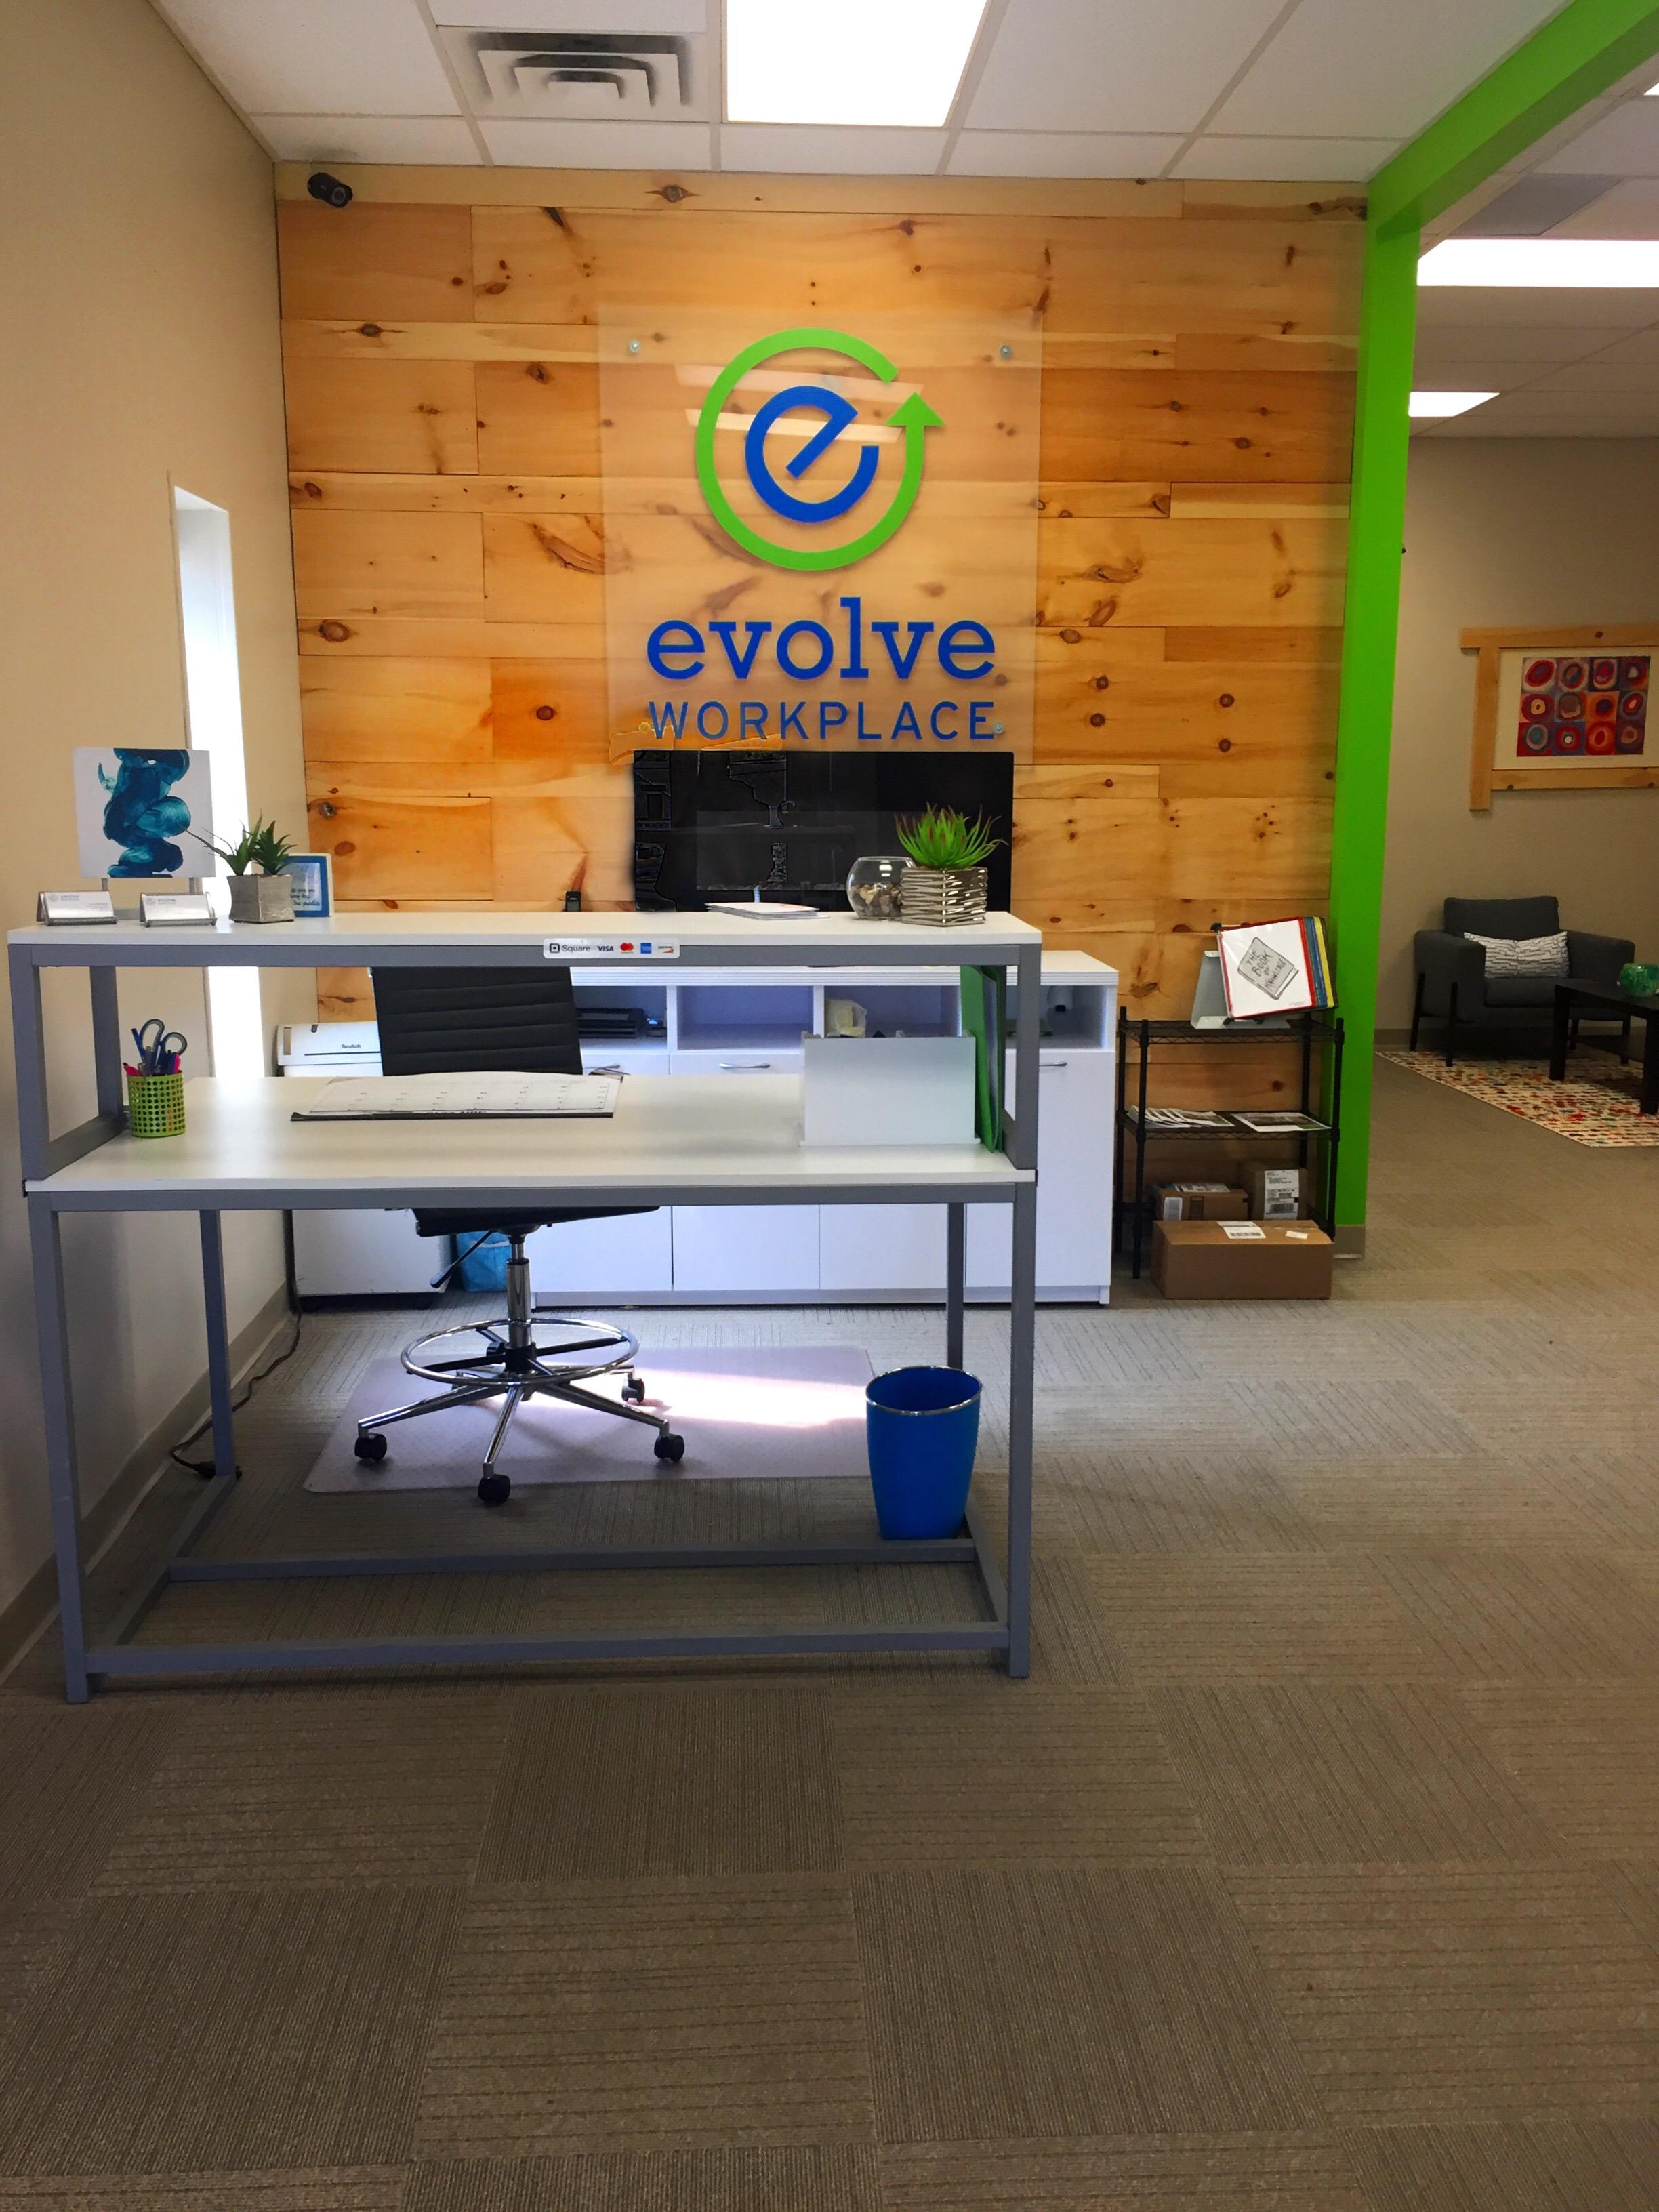 Evolve Front Desk.JPG